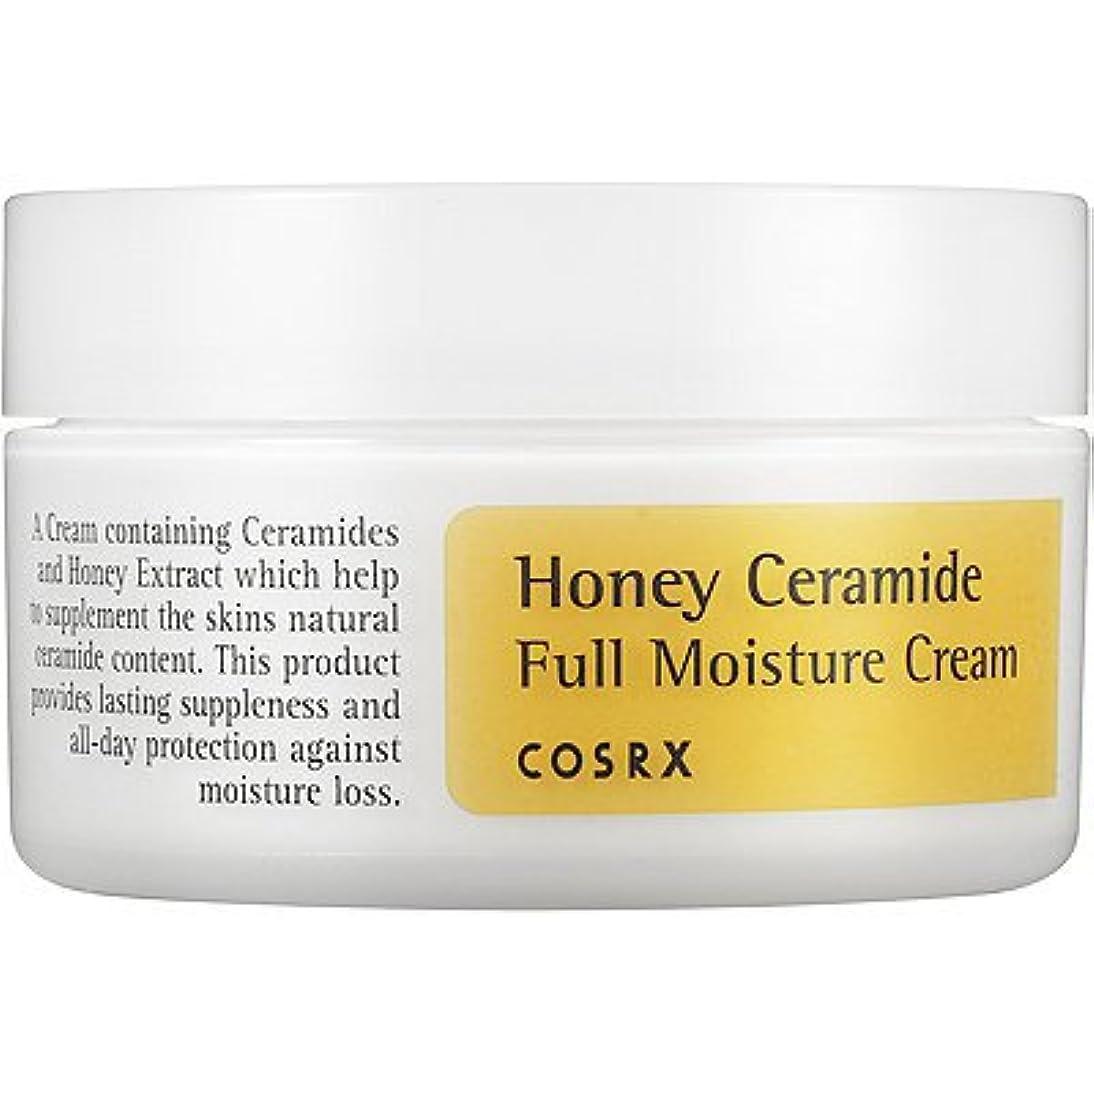 マナー平手打ち謙虚なCOSRX Honey Ceramide Full Moisture Cream 50g/ハニーセラミド フル モイスチャークリーム -50g [並行輸入品]